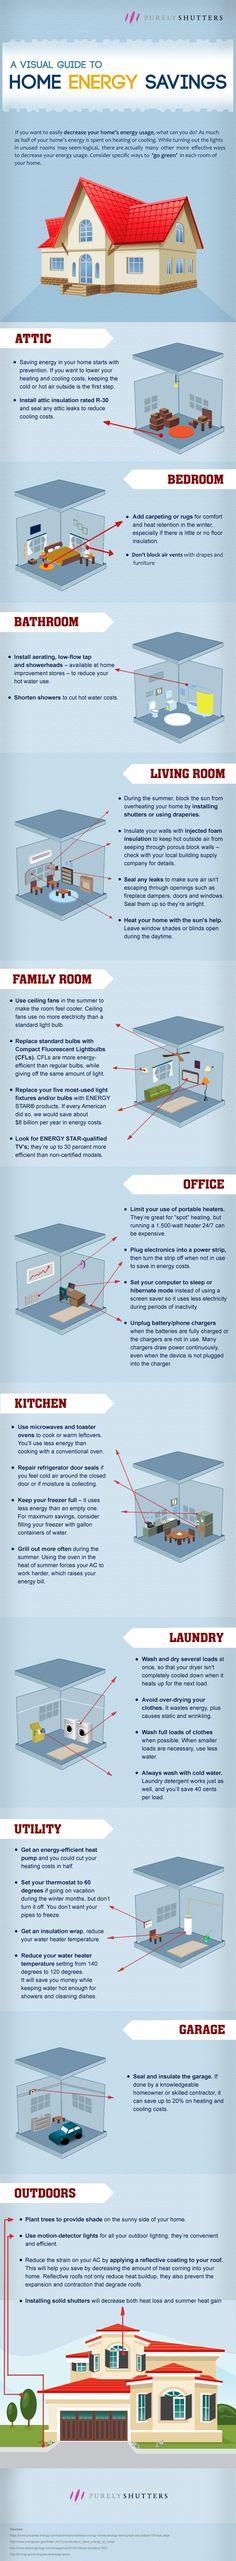 A Visual Guide To Home Energy savings